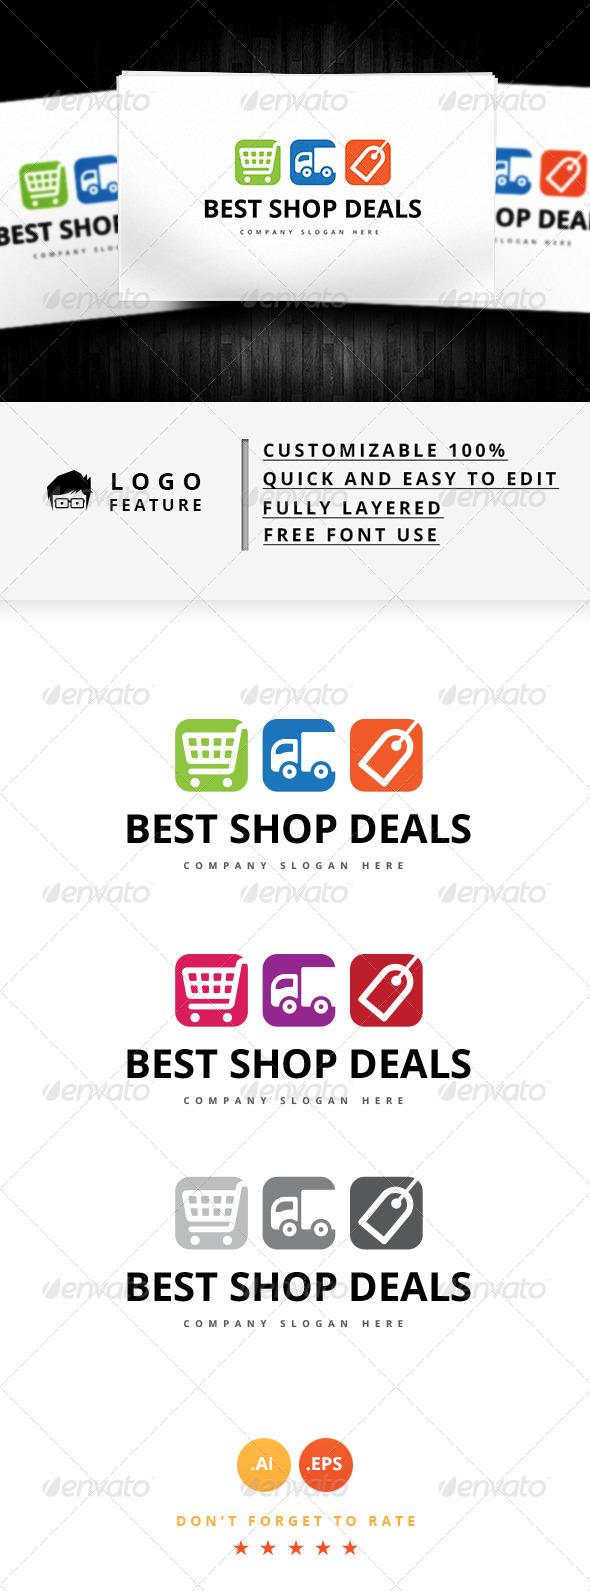 GraphicRiver Best Shop Deals 8140030